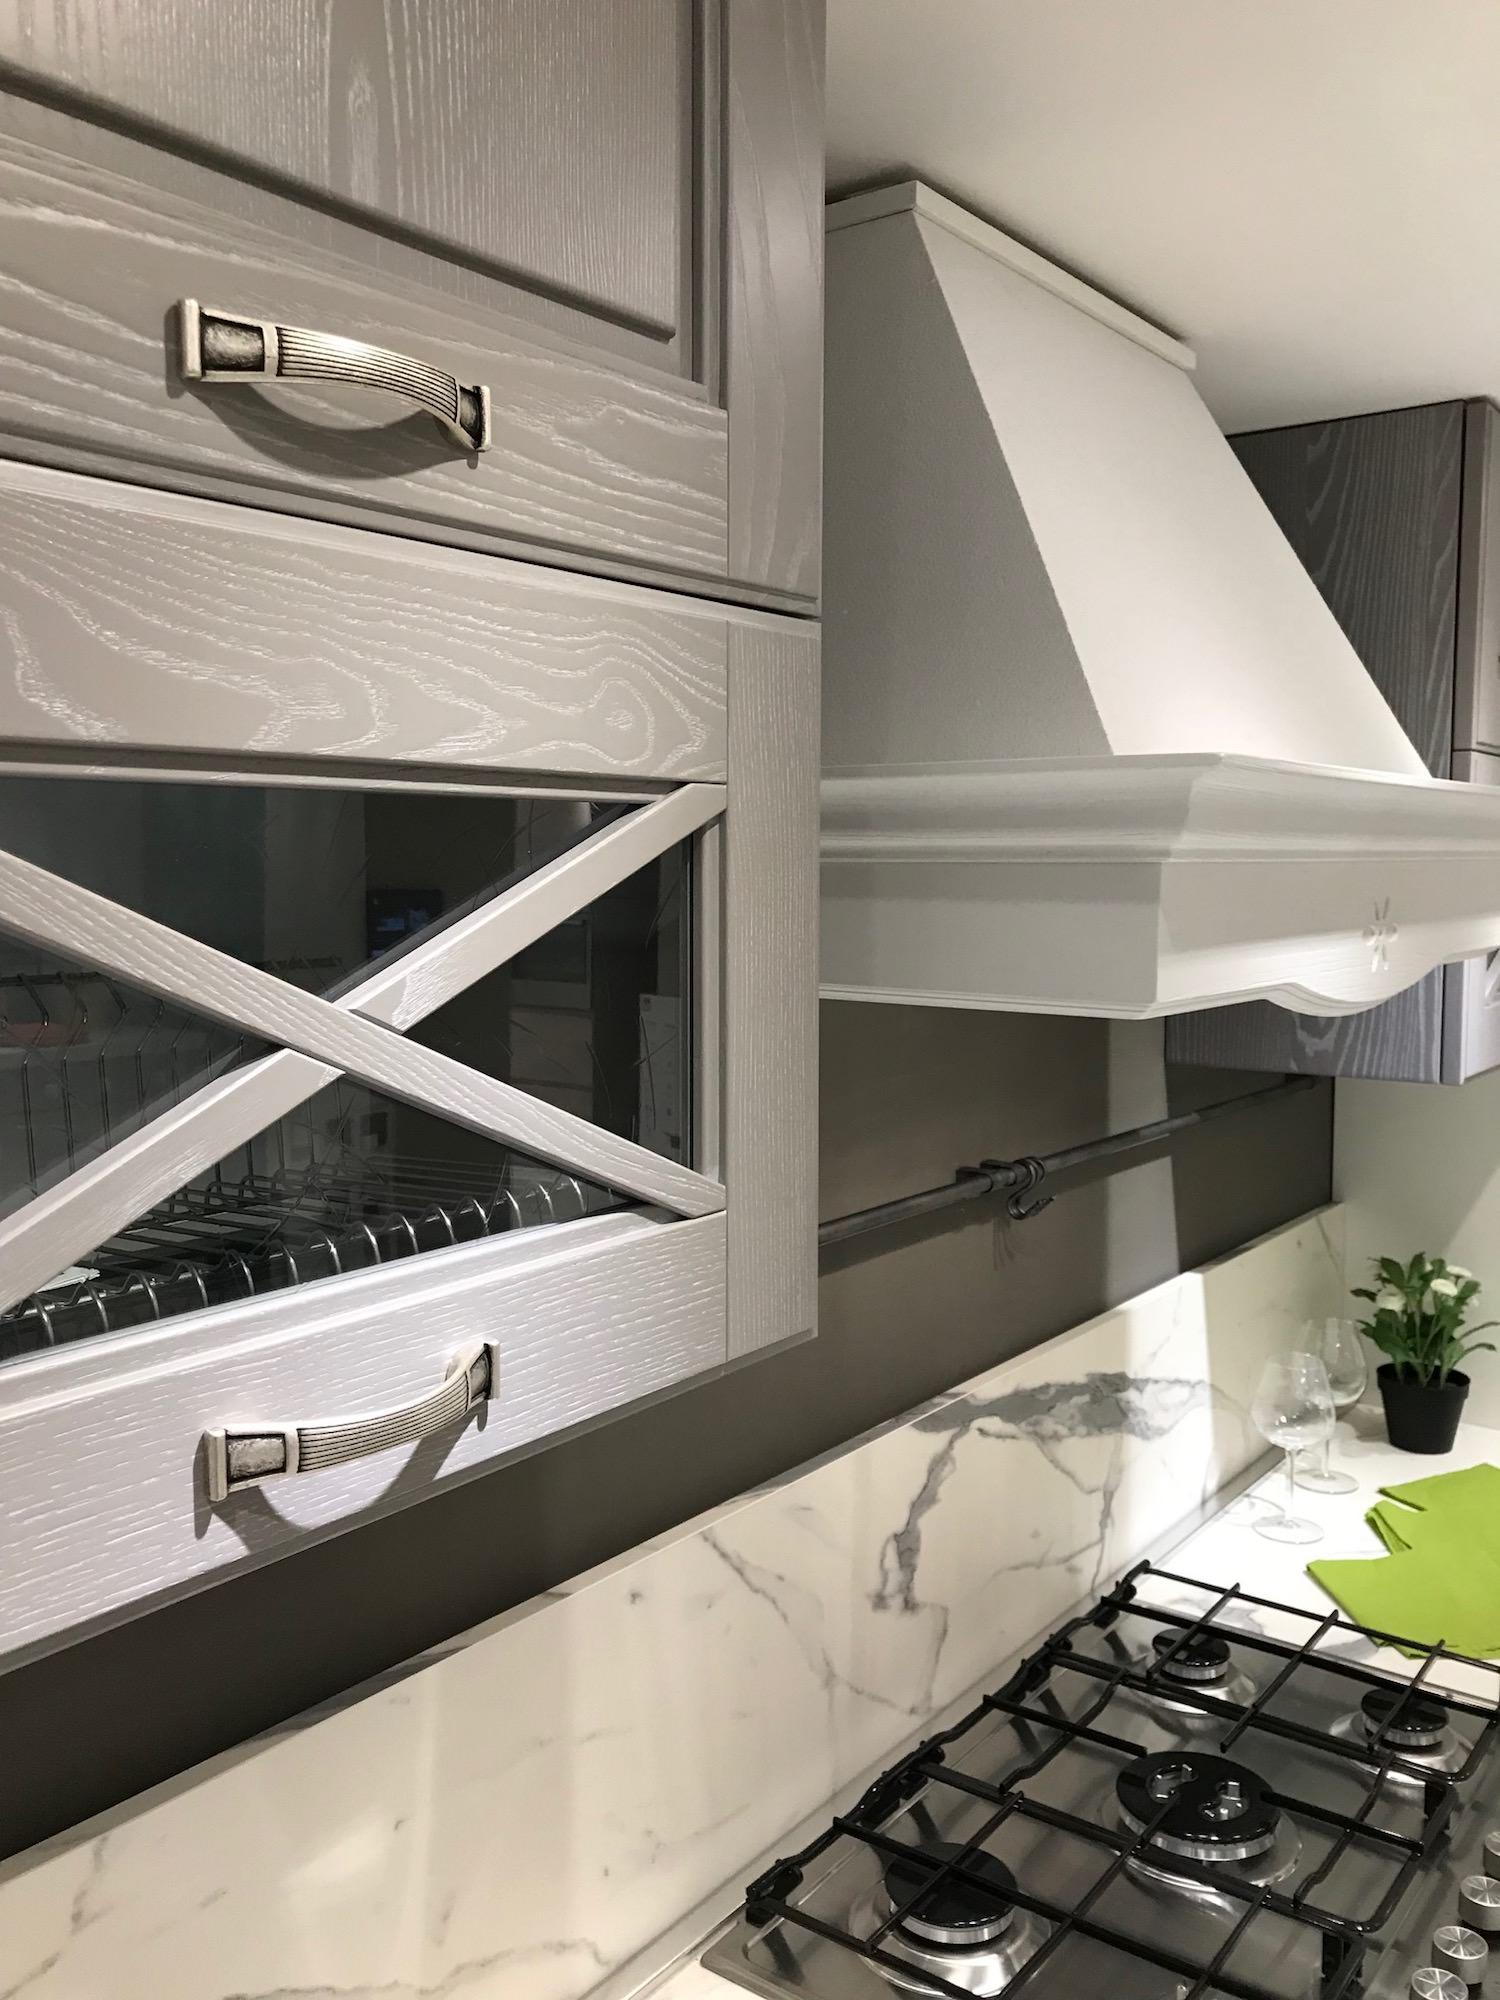 Cucina lube mod agnese rafaschieri arredamenti - Prezzo cucina lube ...